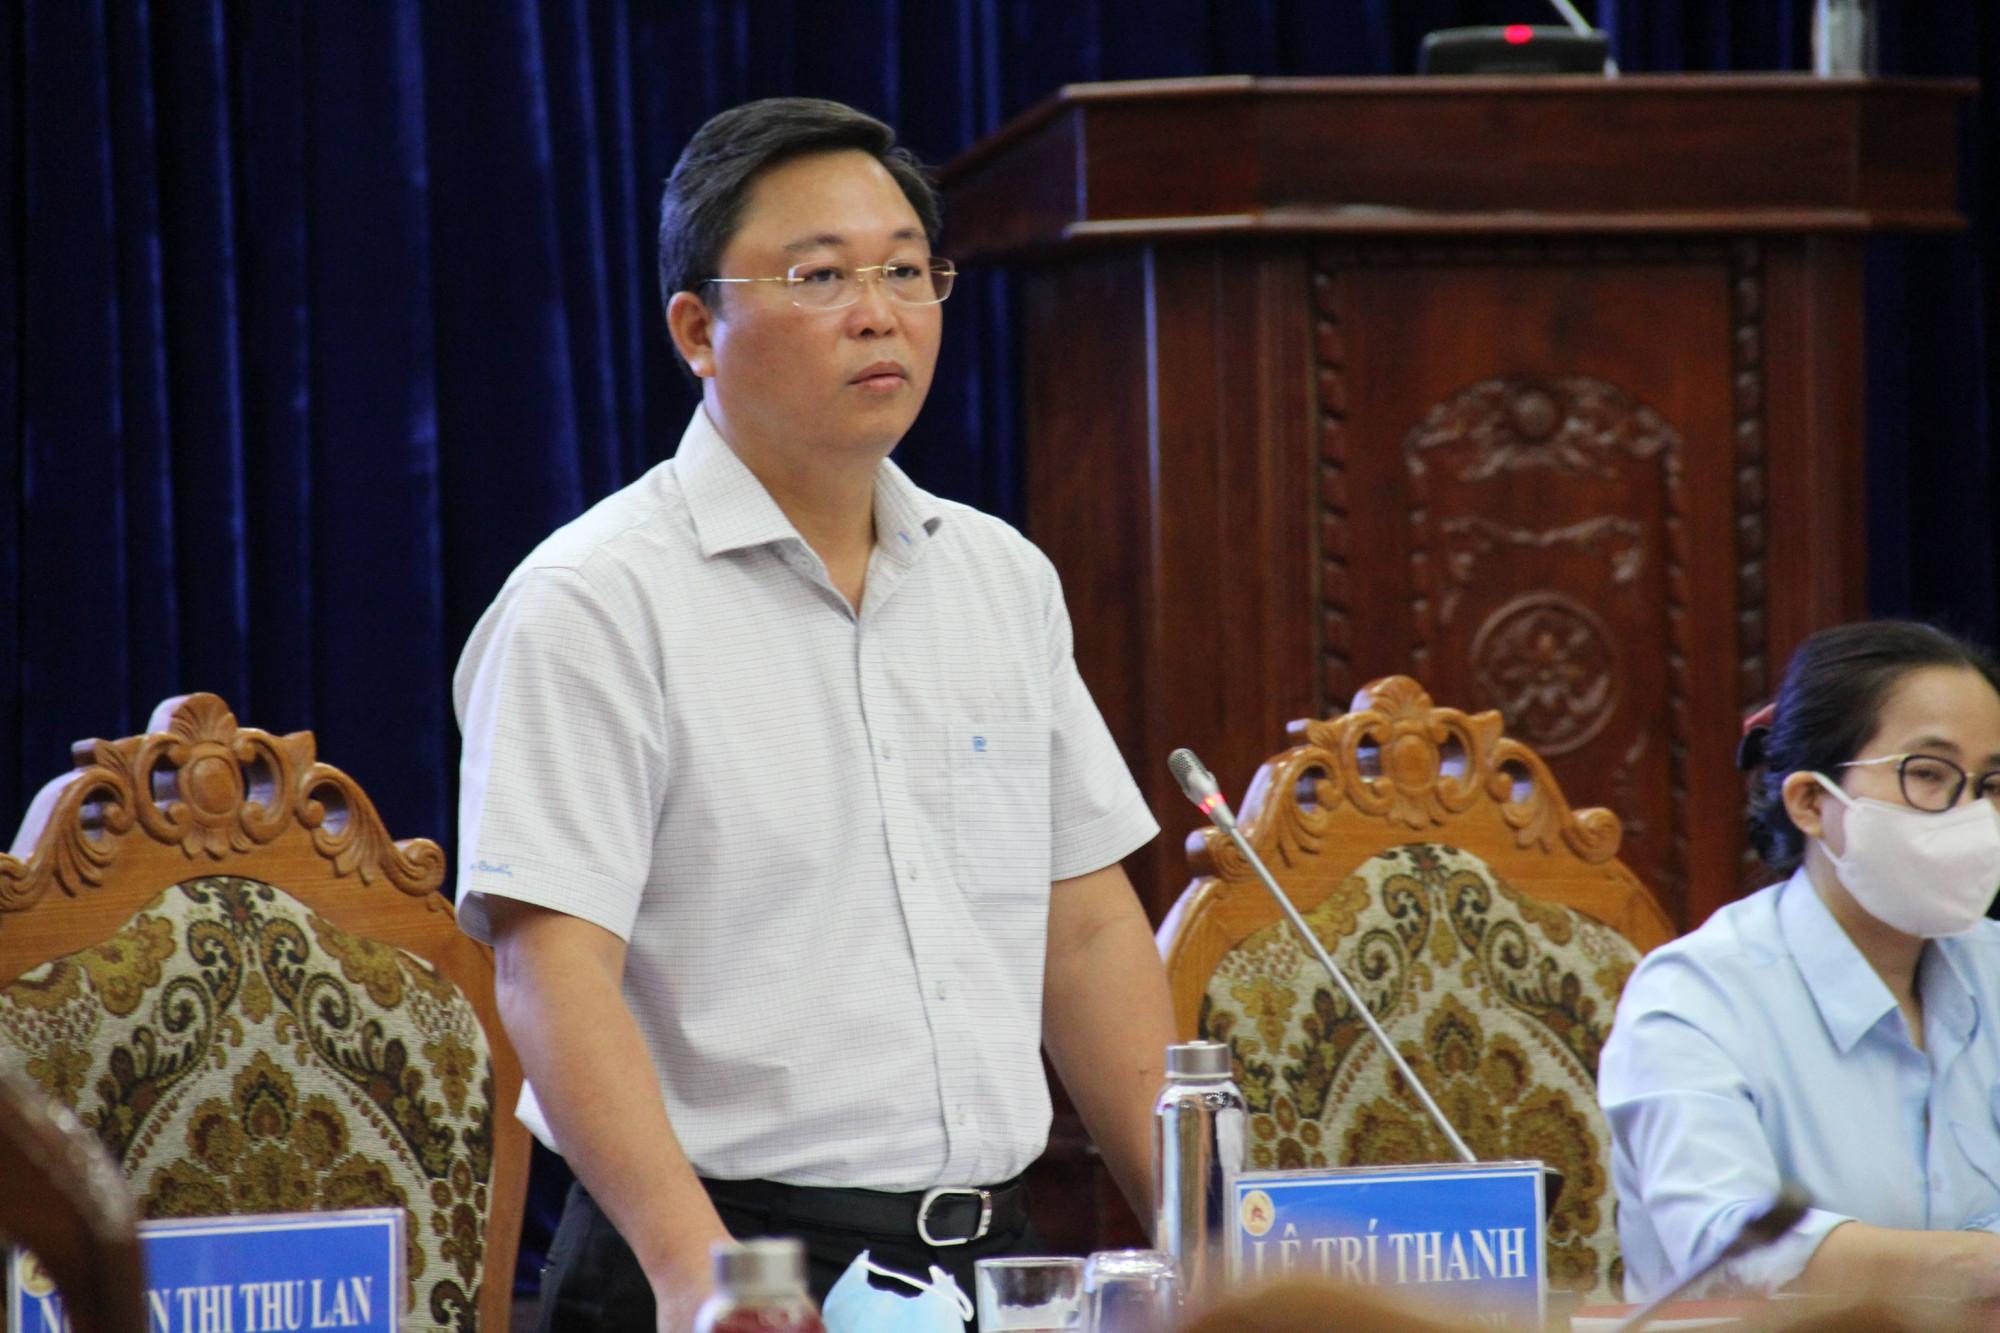 Theo ông Lê Trí Thanh - Chủ tịch UBND tỉnh Quảng Nam, kết quả này là sự cố gắng của cả hệ thống chính trị, nhằm đat đươc kết quả cao nhất trong việc tổ chức bầu cửu